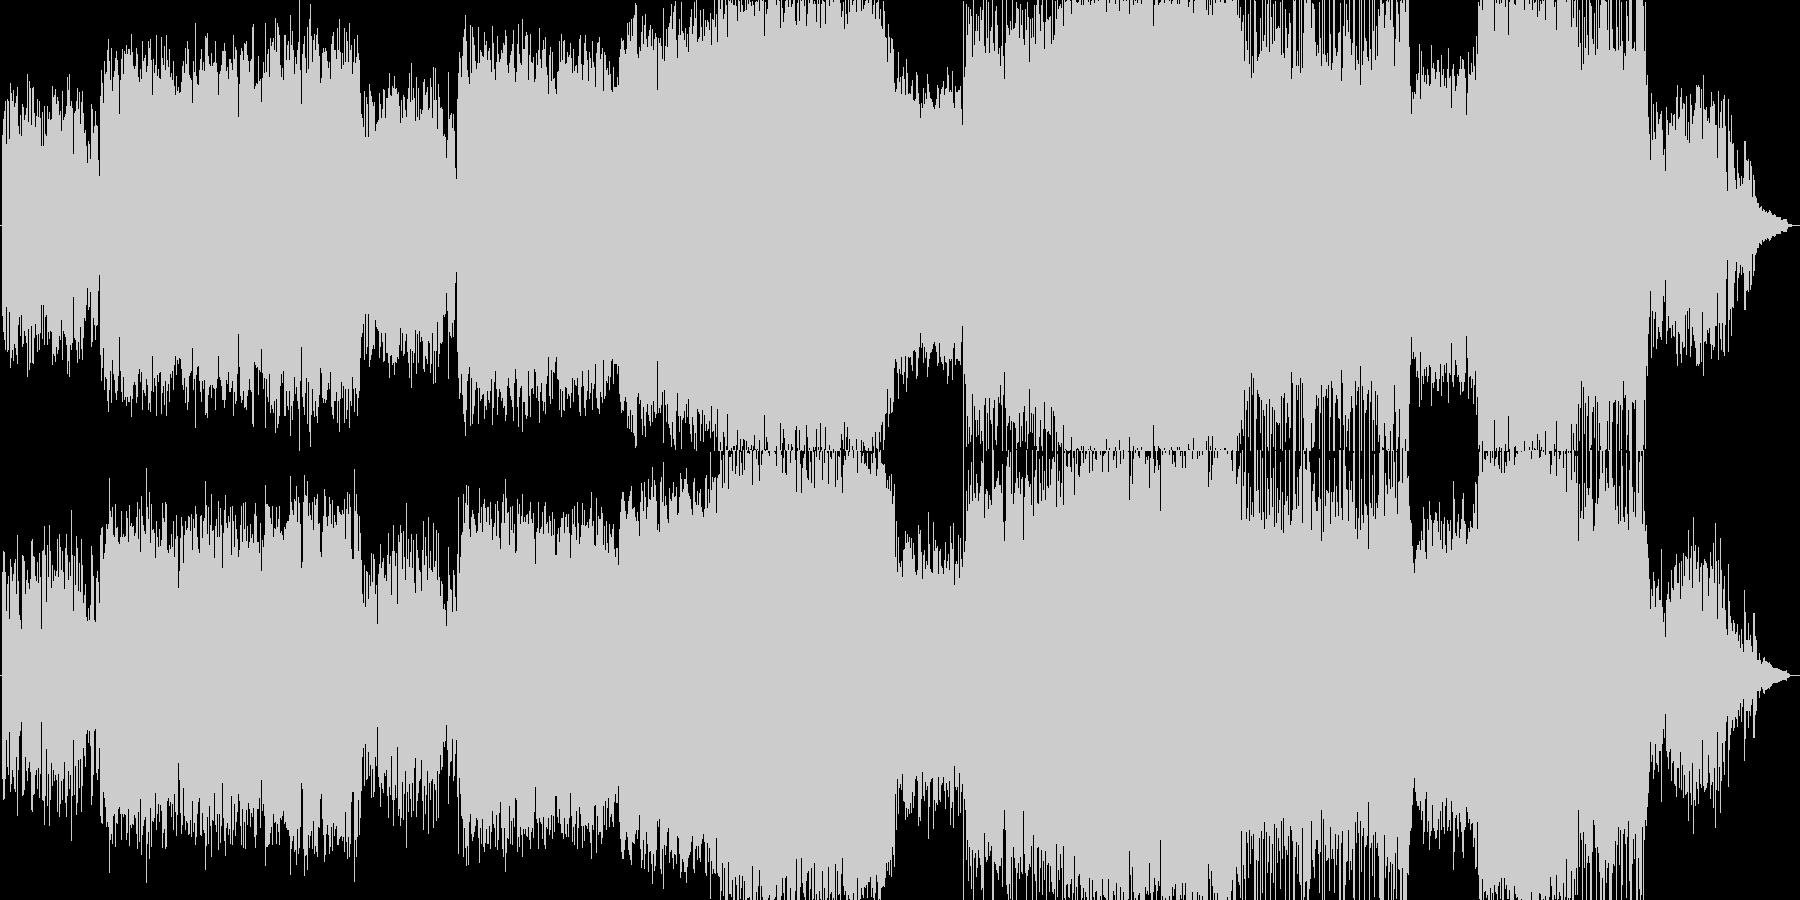 卒業式の合唱曲イメージなバラードの未再生の波形